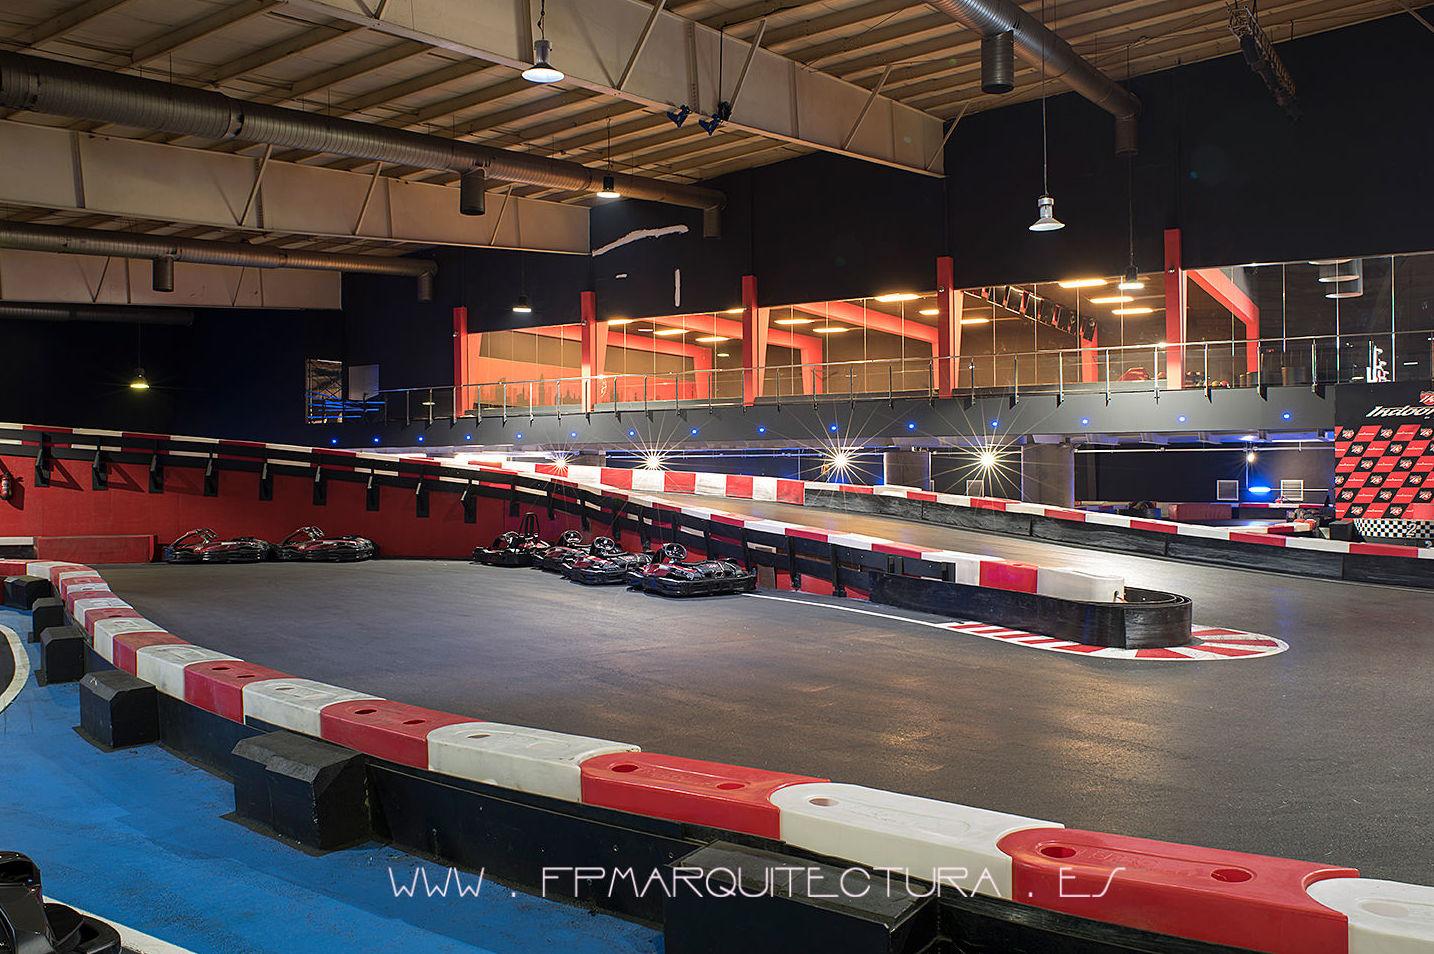 Indoor karting sant feliu de llobregat barcelona - Casas sant feliu de llobregat ...